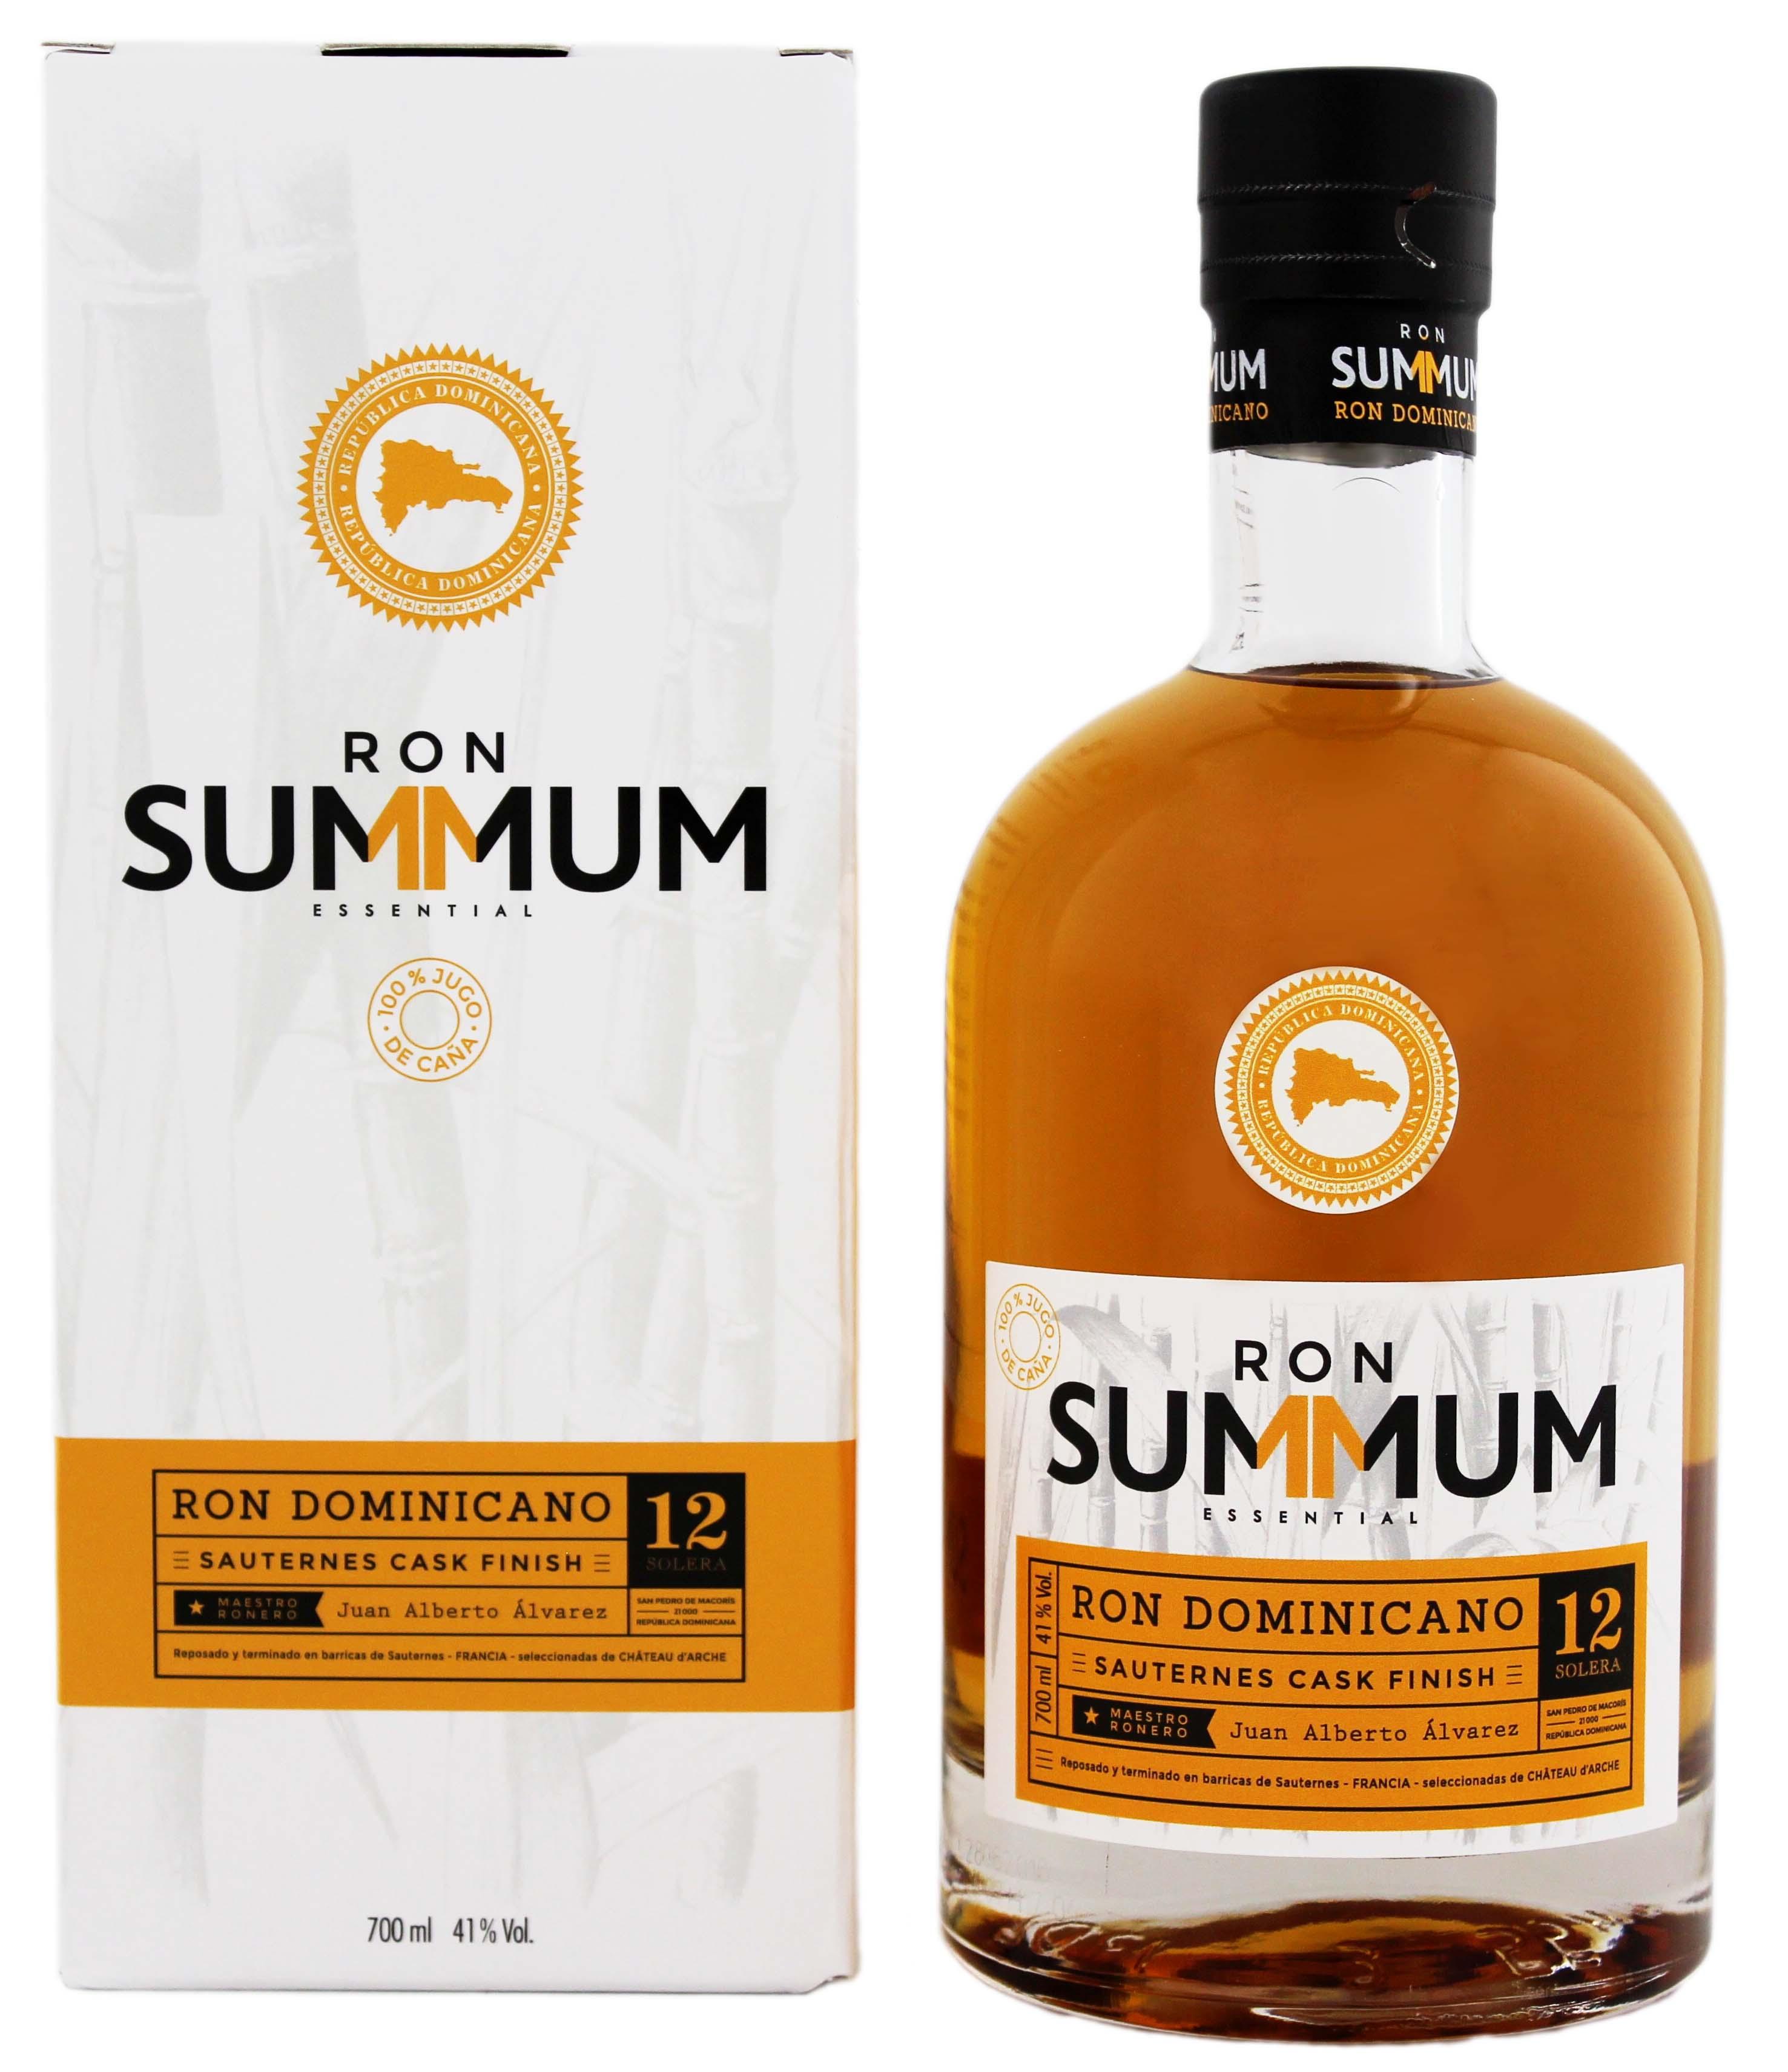 Confezione regalo Rum Sauternes Finish 12 anni Solera Summum